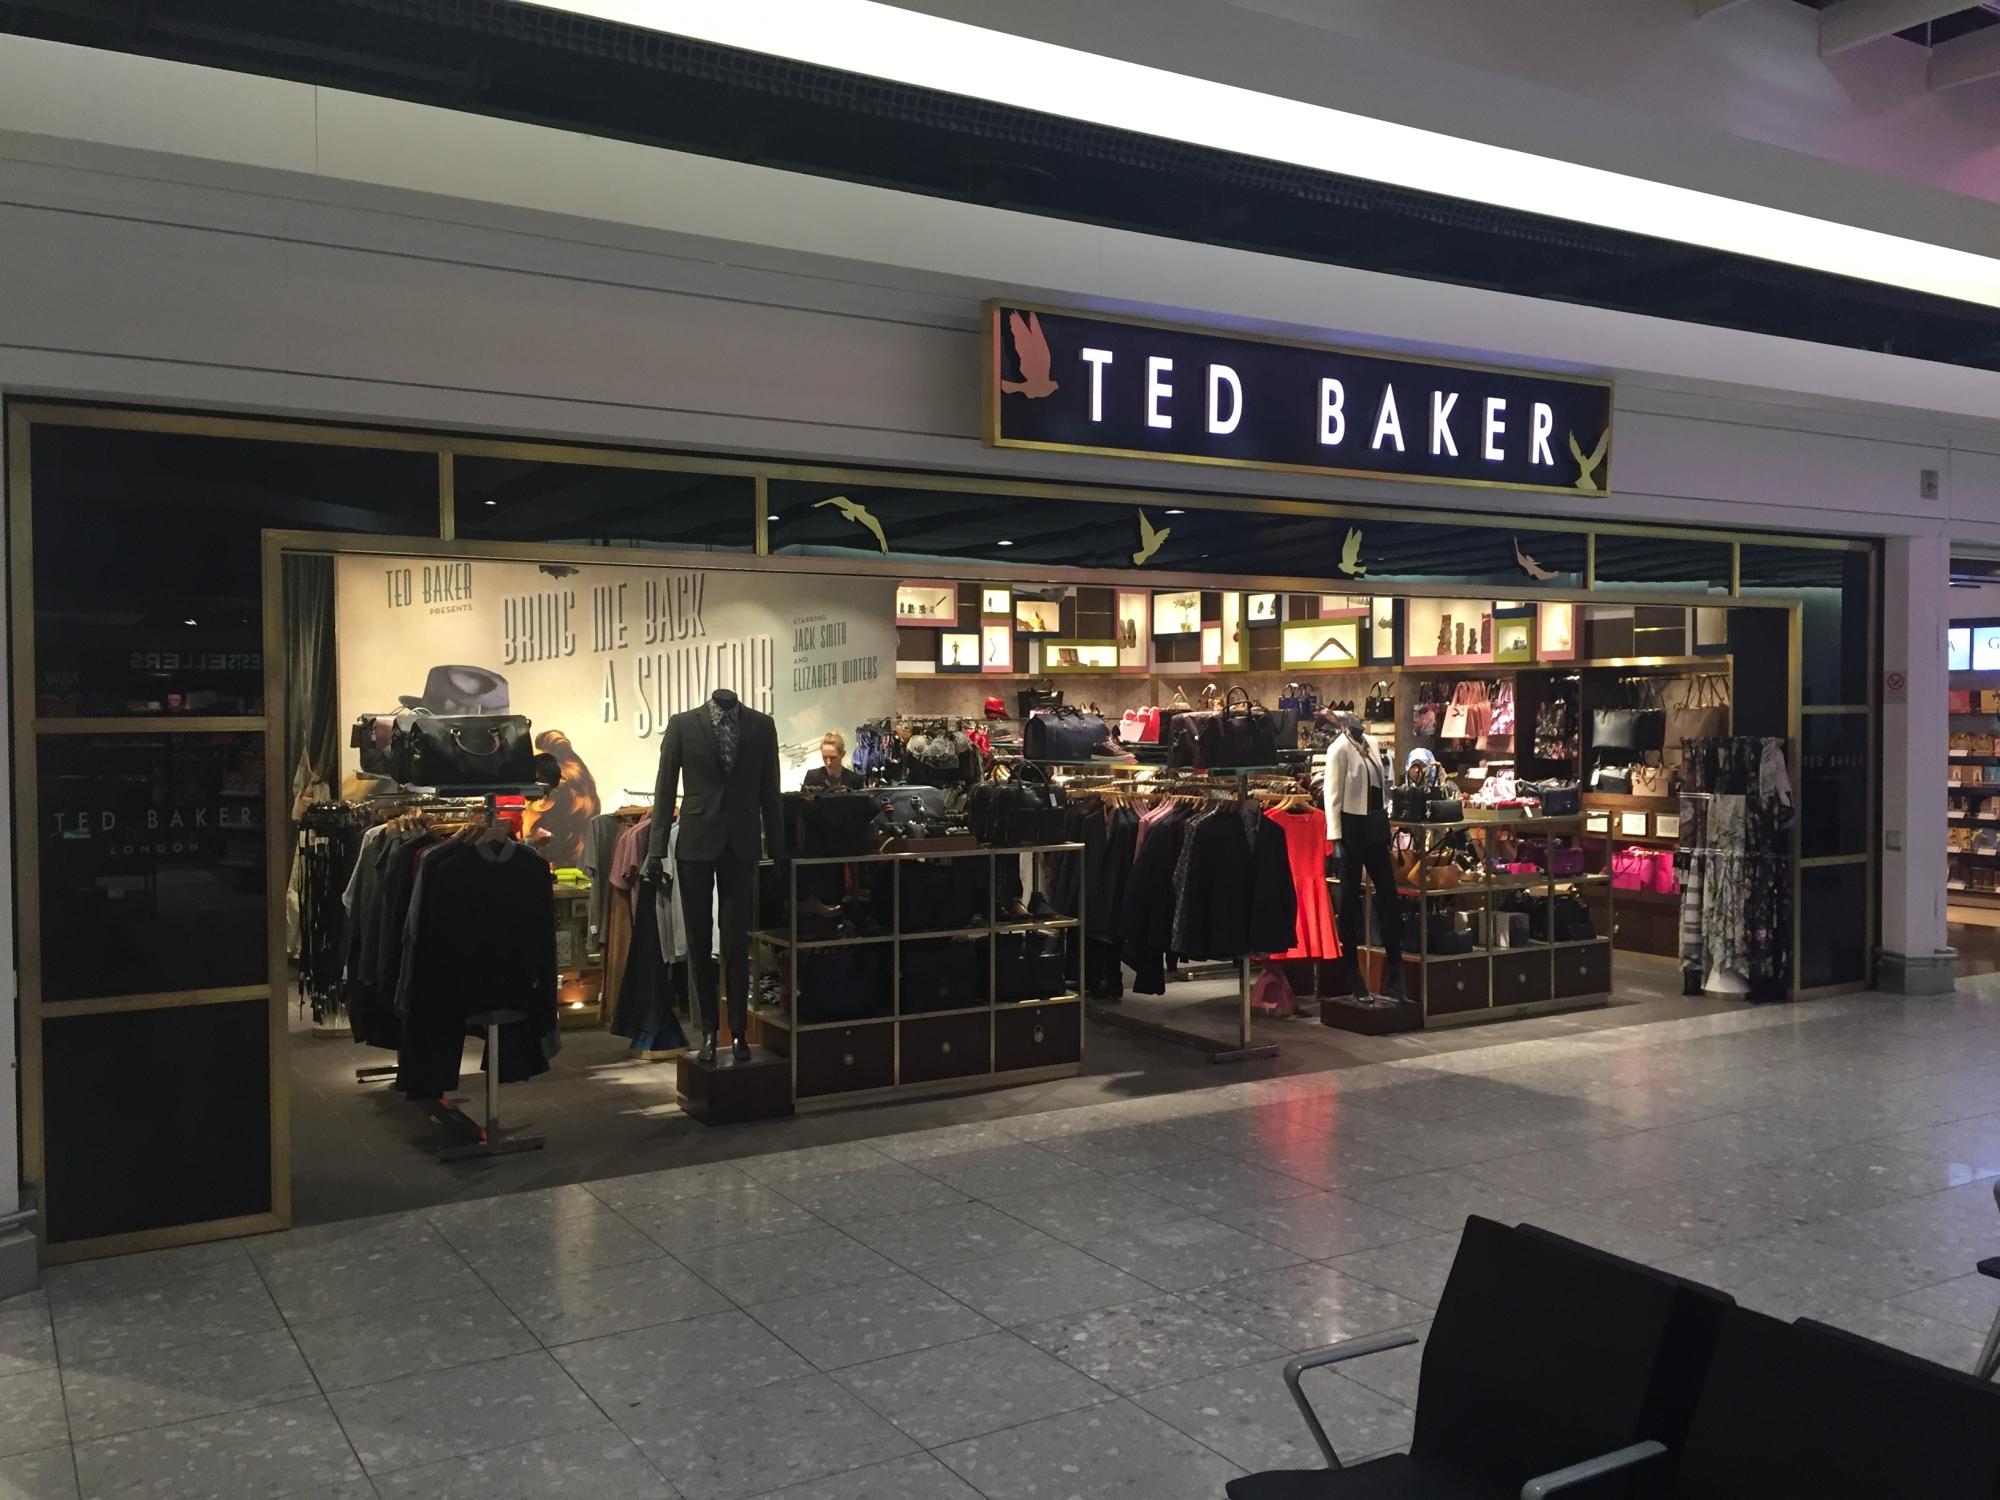 Heathrow Ted Baker refit